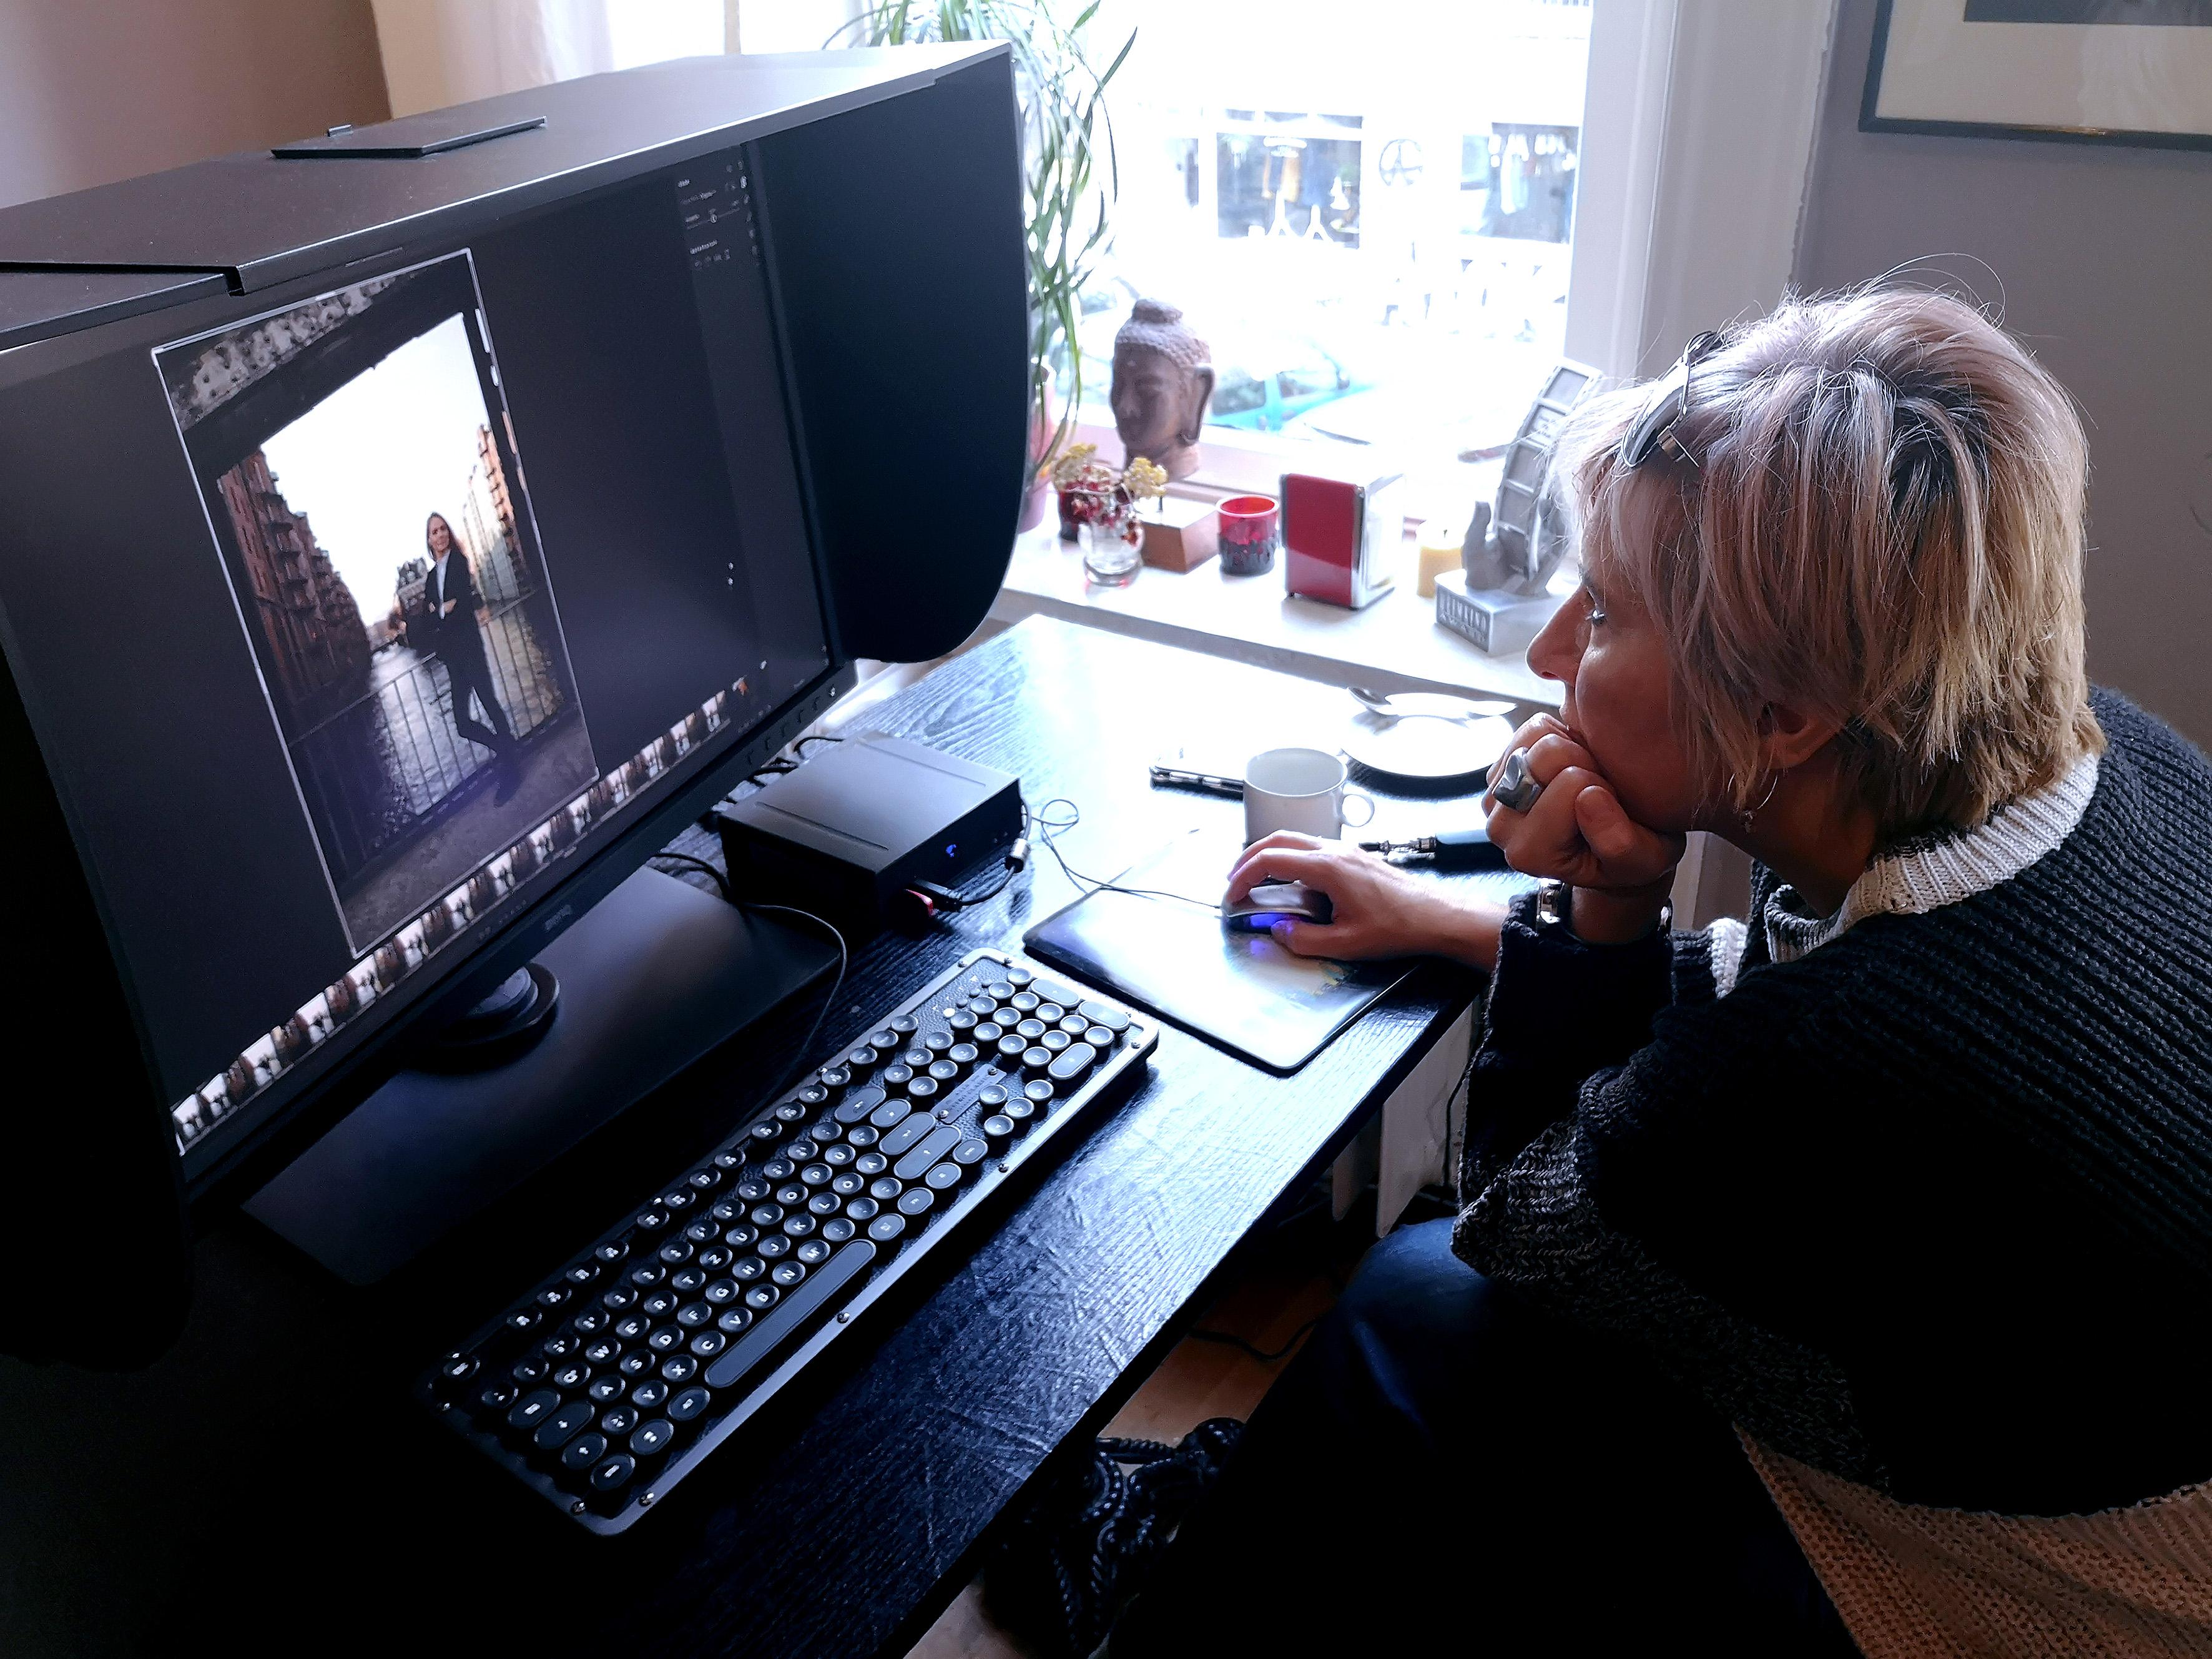 """Foto: Michael B. Rehders - Bianca bearbeitet ihre Bildwerke auf einem BenQ SW320. Die stylische Tastatur """"Retro Classic"""" von AZIO entdeckte ich kurz zuvor auf einer meiner Fotoreisen."""